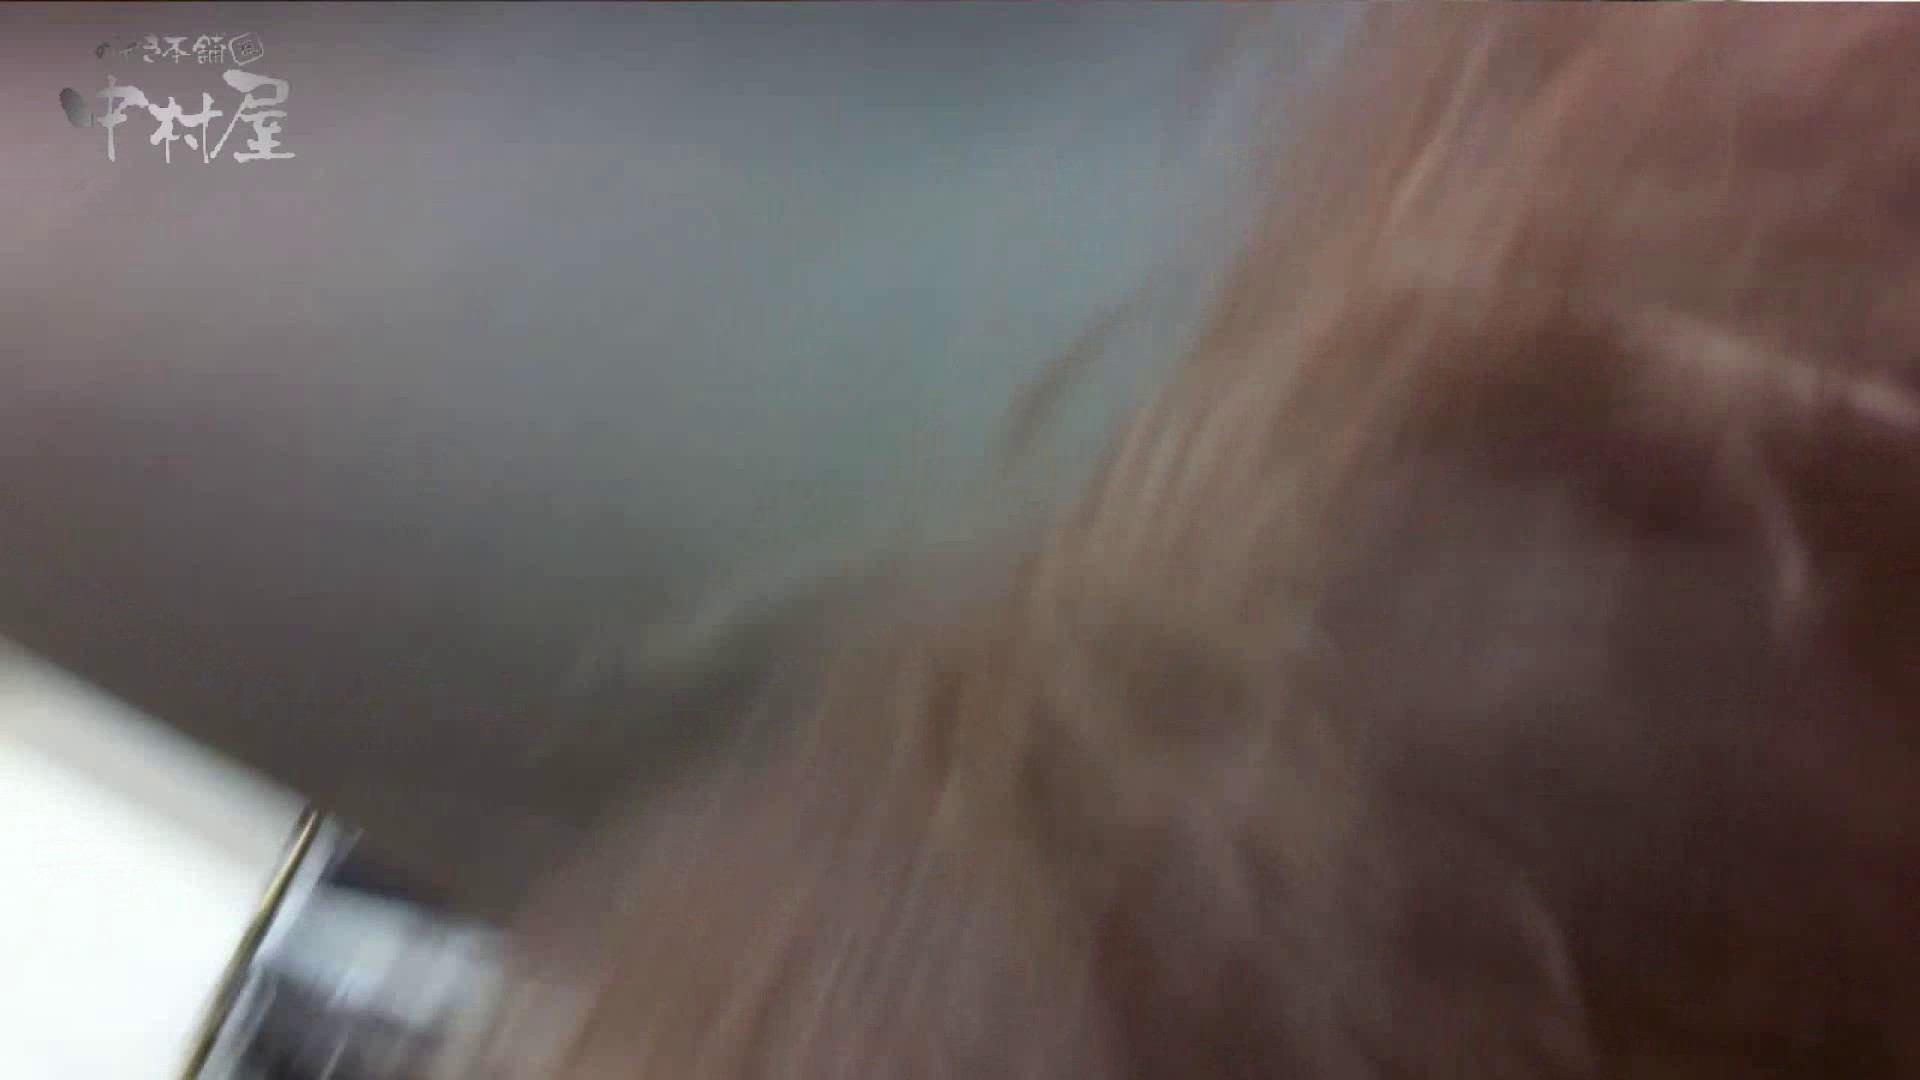 vol.77 美人アパレル胸チラ&パンチラ 緑のワンピにせまってみたw 接写  107pic 80